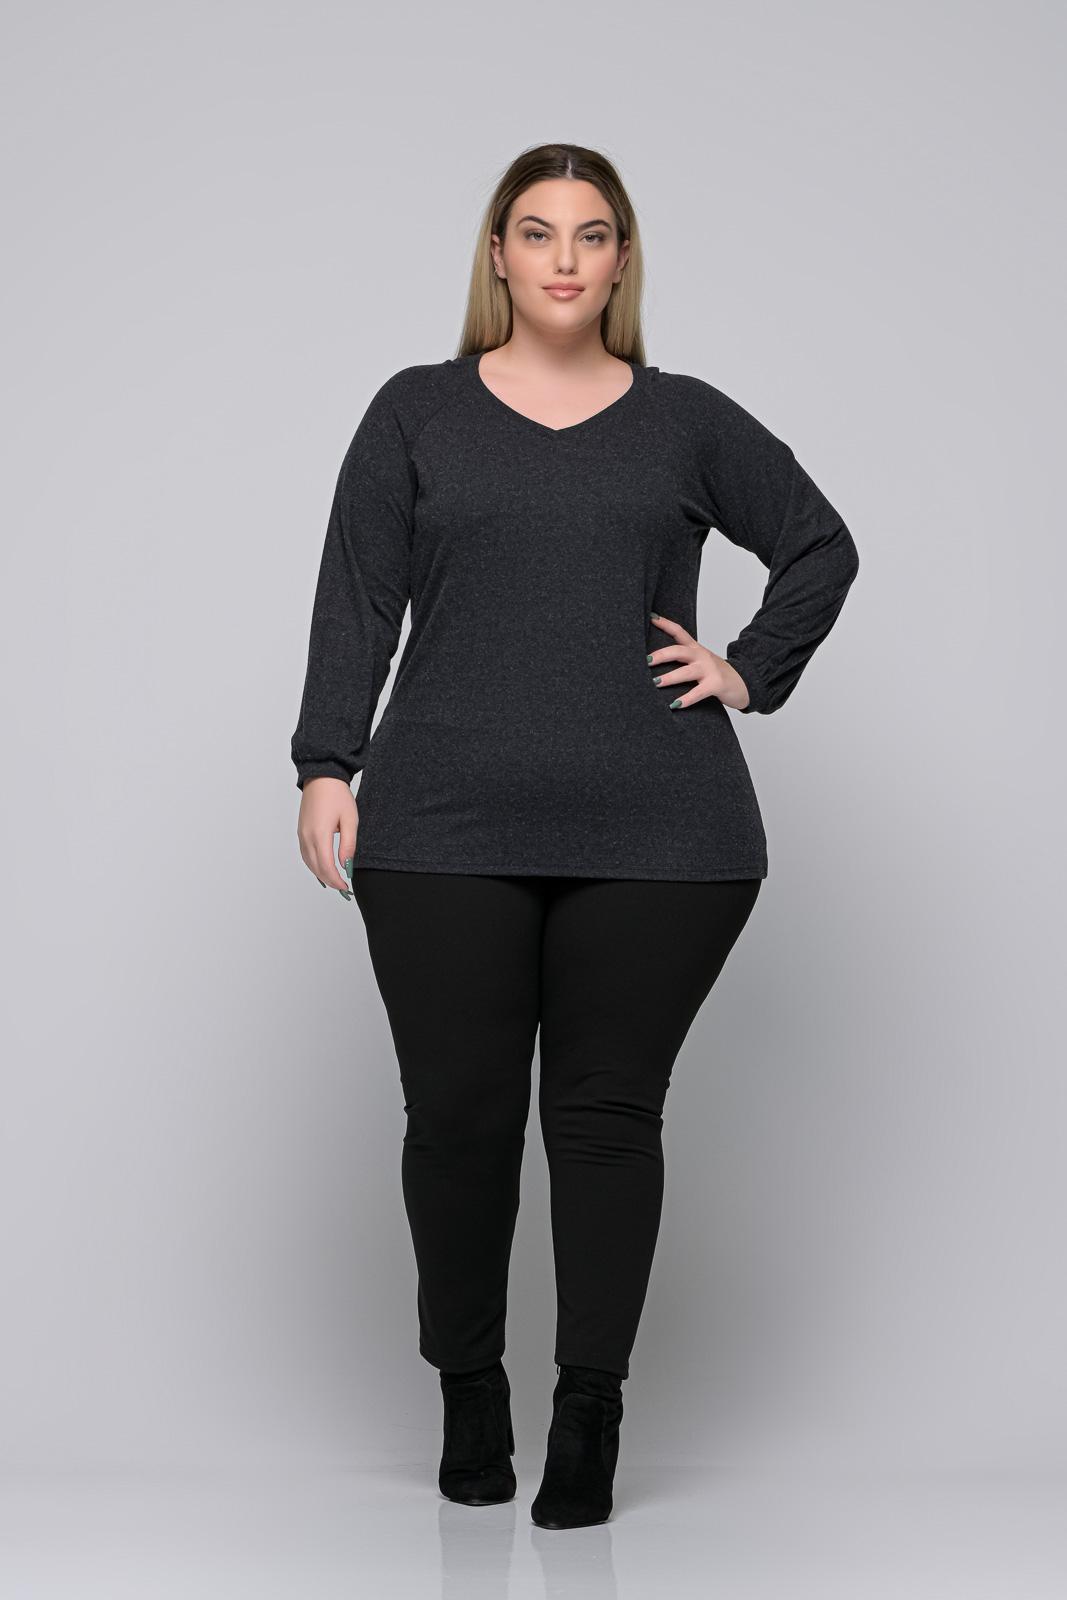 Μπλούζα μεγάλα μεγέθη +Psx γκρι ελαστική βισκόζ. Στο eshop μας θα βρείτε οικονομικά γυναίκεια ρούχα σε μεγάλα μεγέθη και υπερμεγέθη.